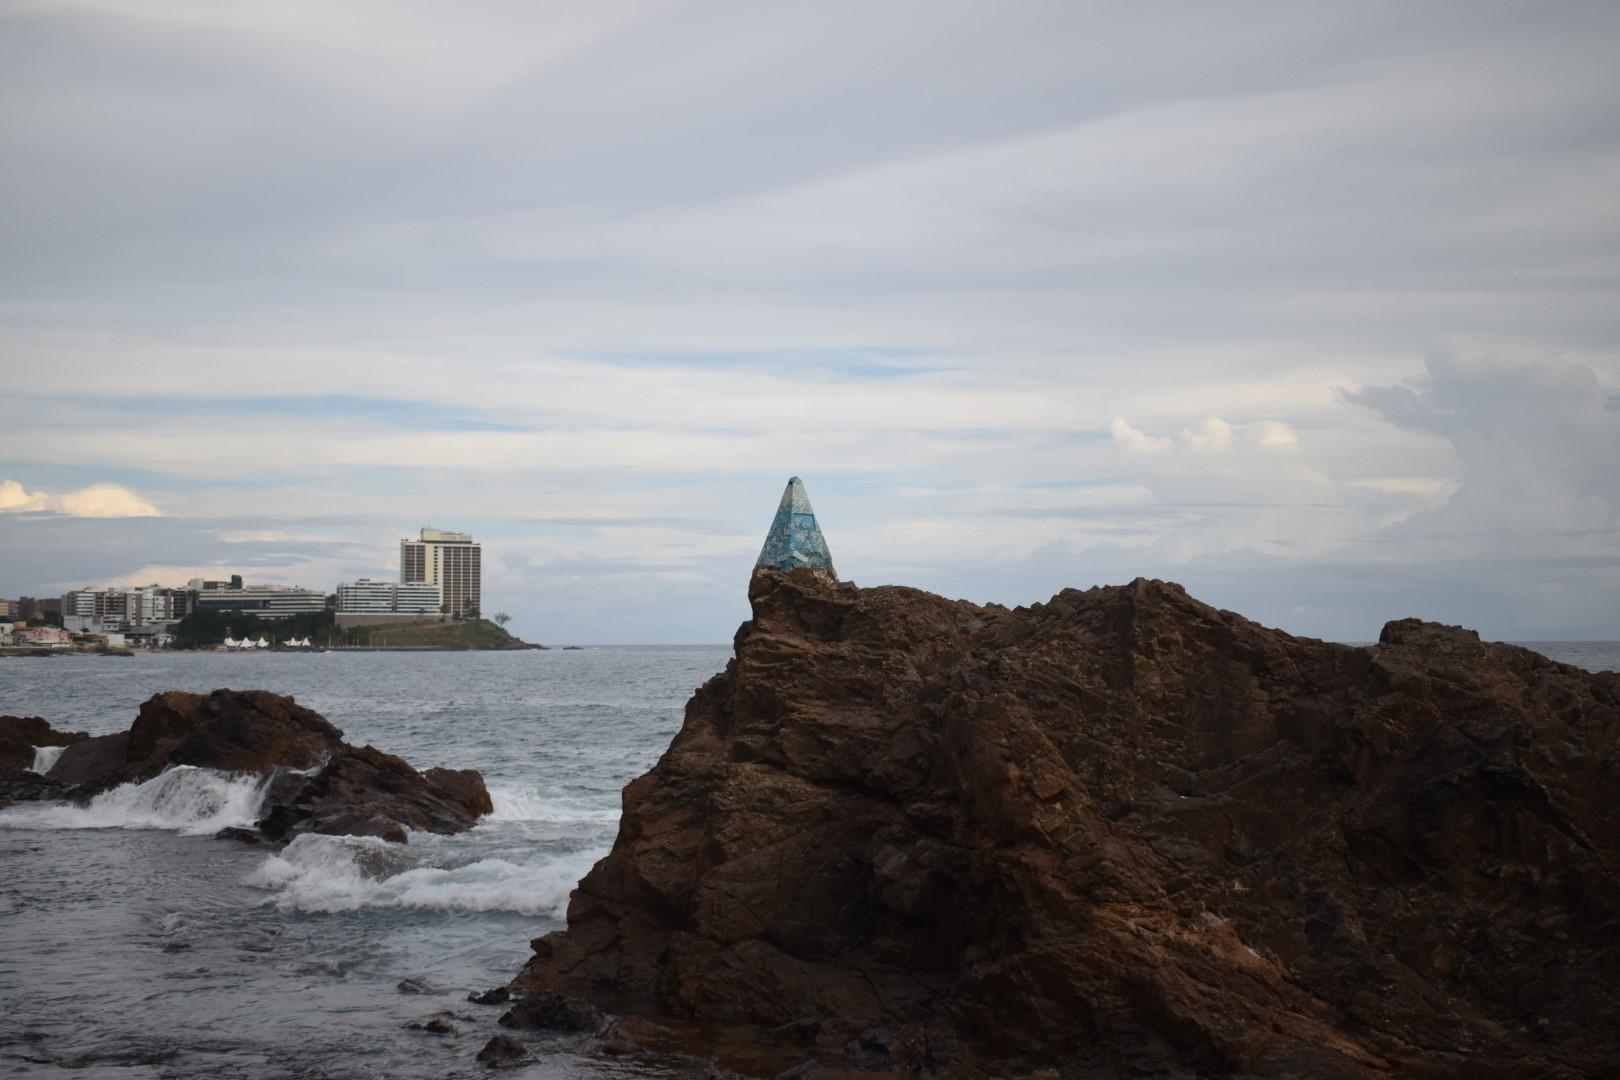 Pedra da Sereia, Ondina, on the way to Rio Vermelho, Salvador